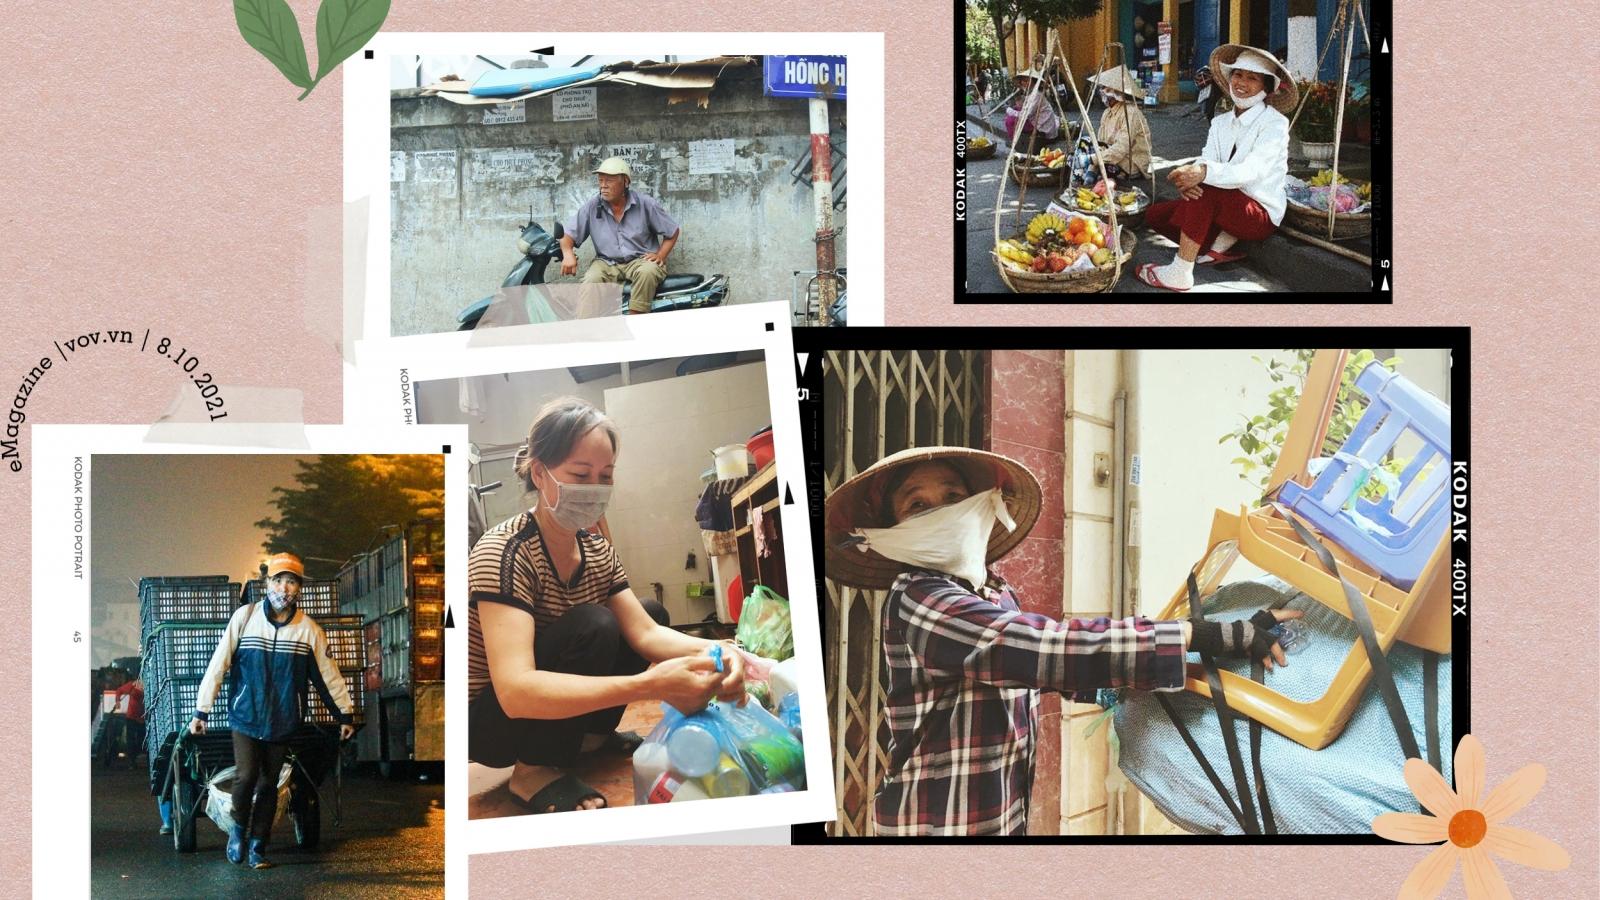 Lao động nghèo, sinh viên bị mắc kẹt ở Hà Nội được giúp đỡ kịp thời